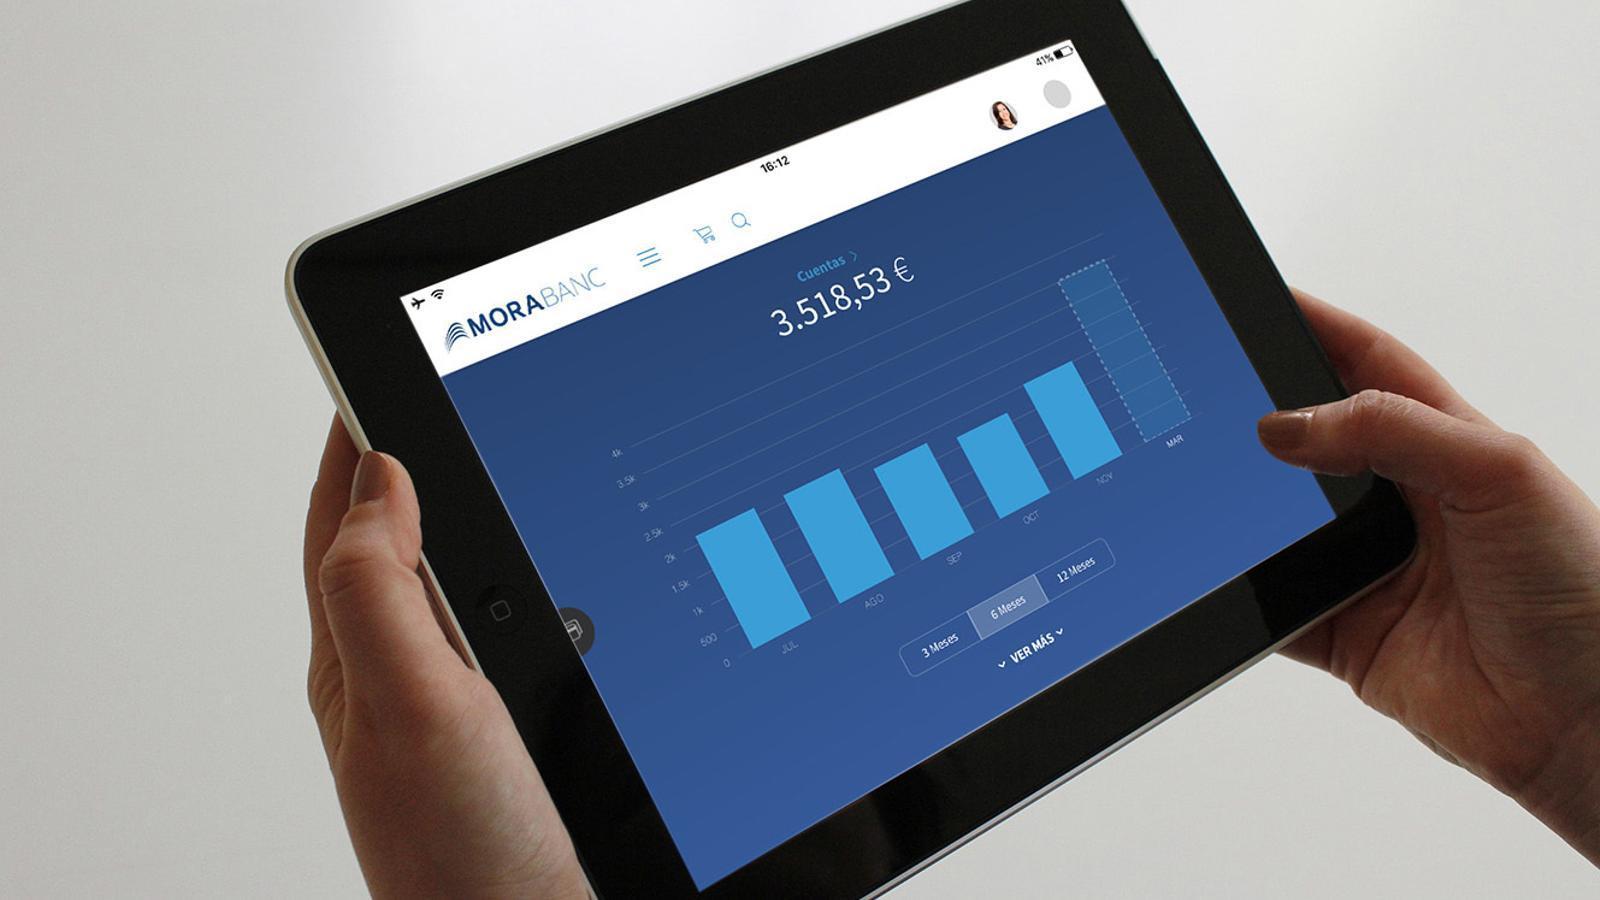 Els accessos a la banca en línia de MoraBanc han tingunt un increment notable. / MORABANC